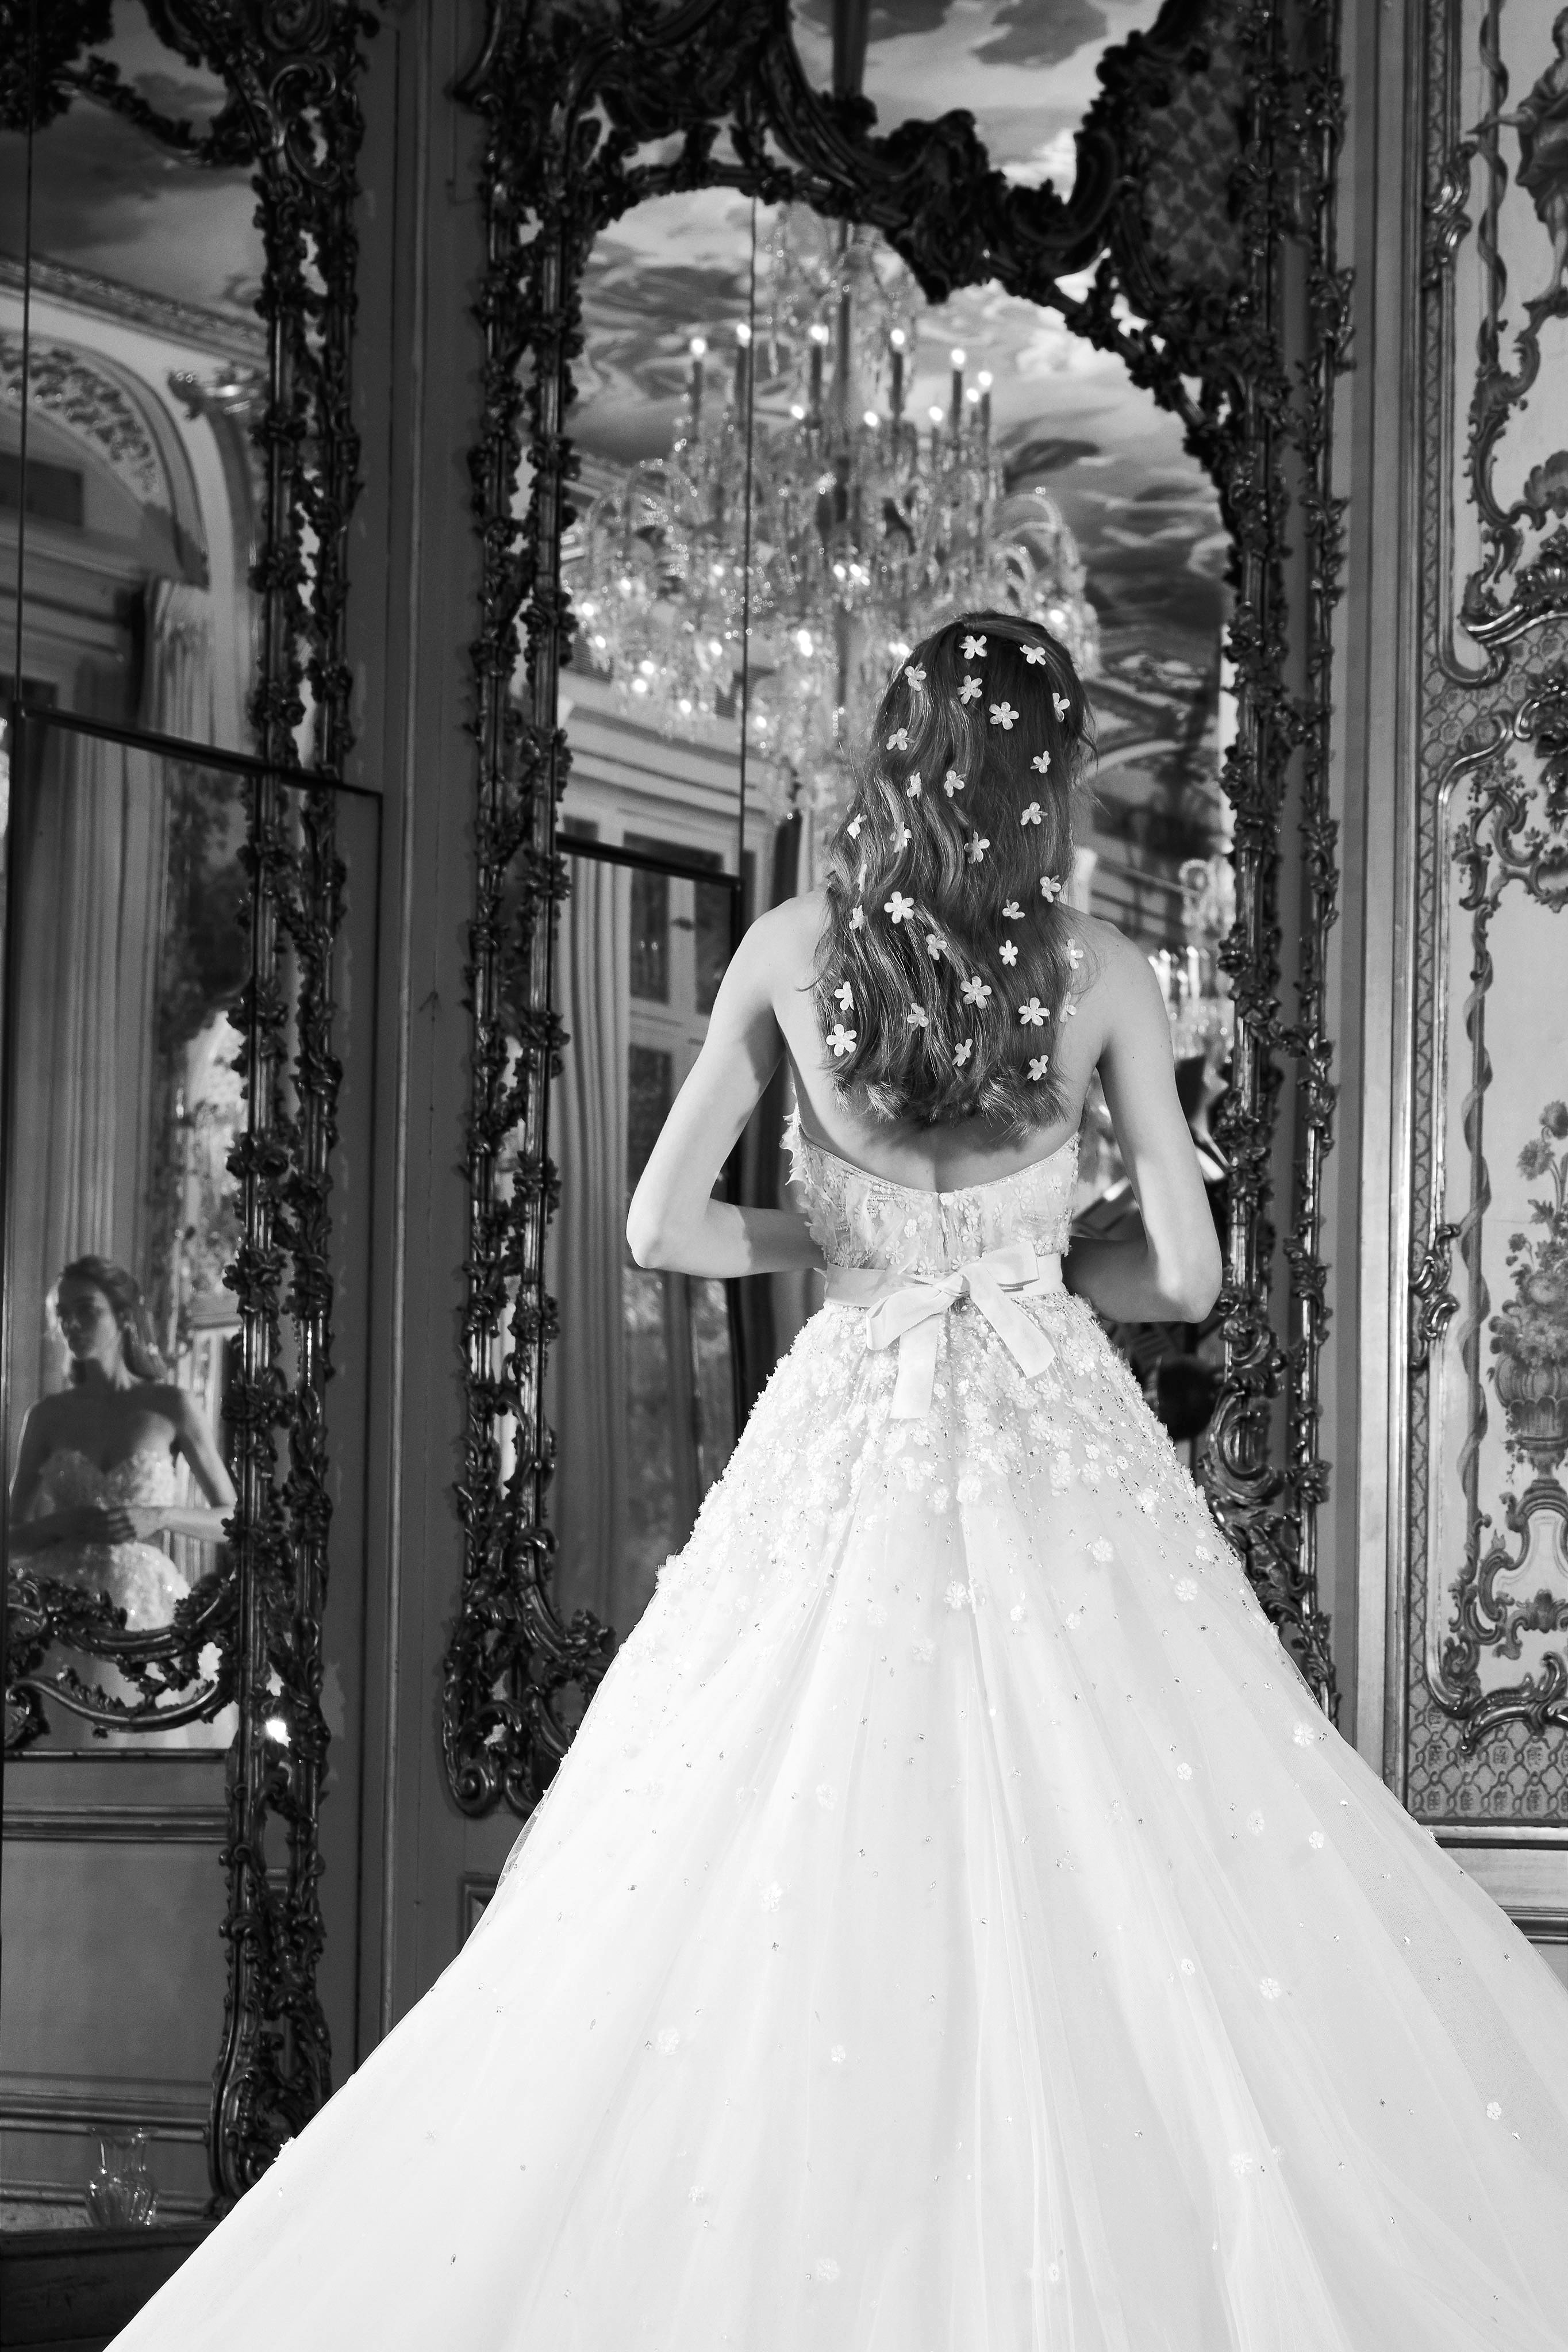 elie saab wedding dress spring 2019 strapless embellished bow